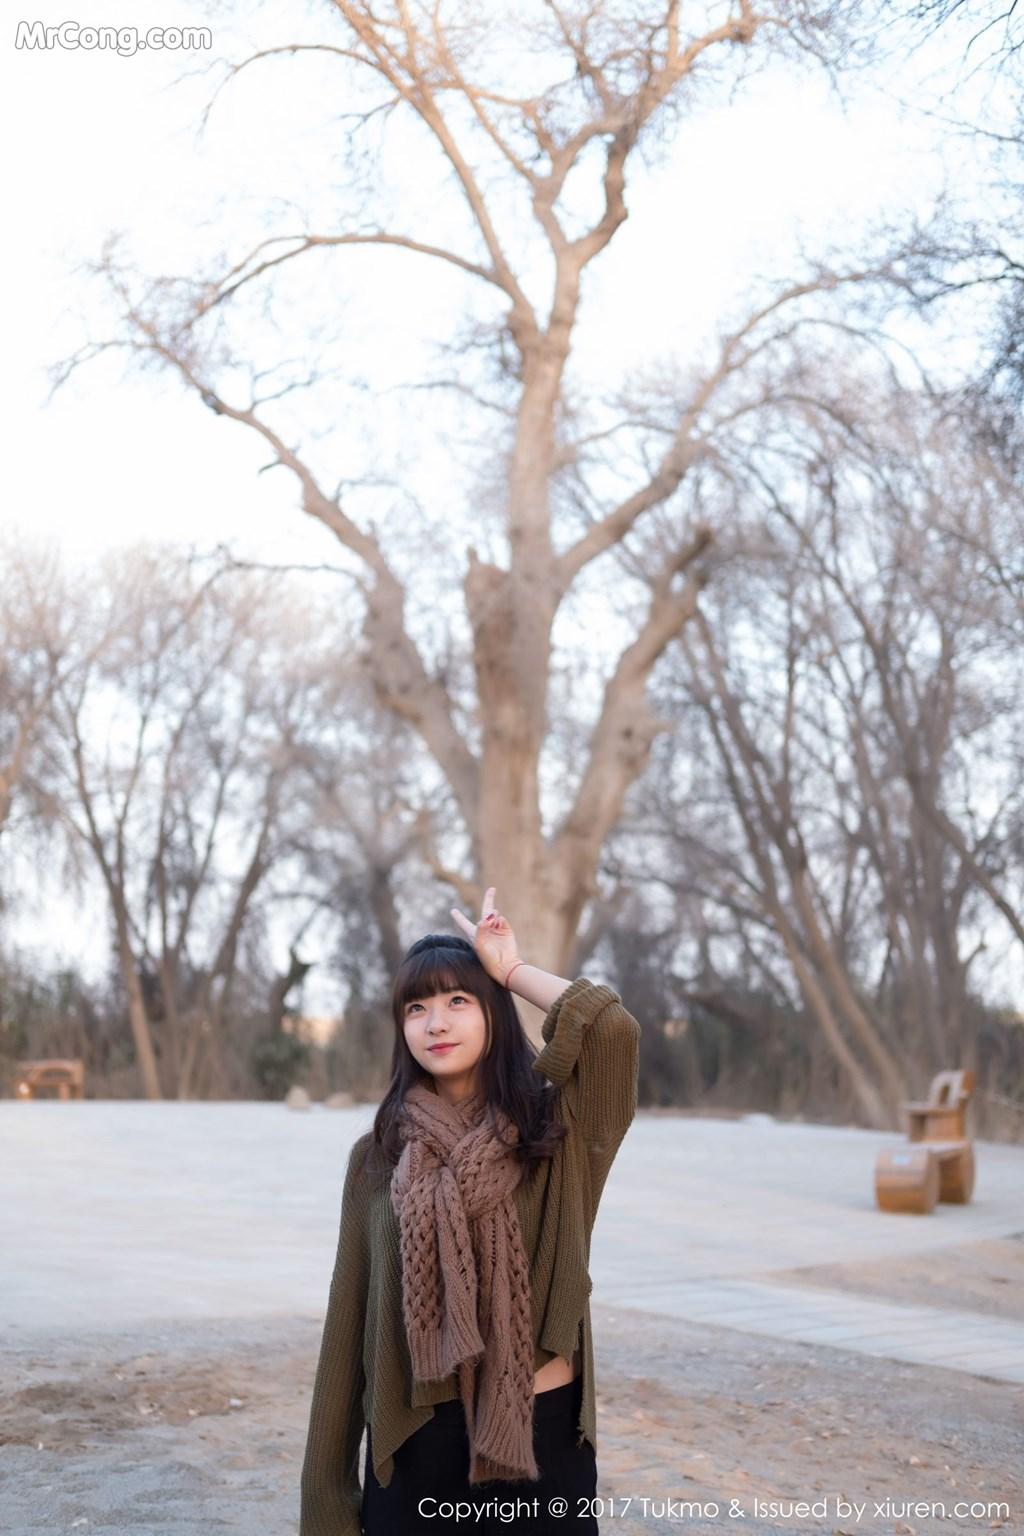 Image Tukmo-Vol.105-Qiu-Qiu-MrCong.com-007 in post Tukmo Vol.105: Người mẫu Qiu Qiu (球球) (41 ảnh)